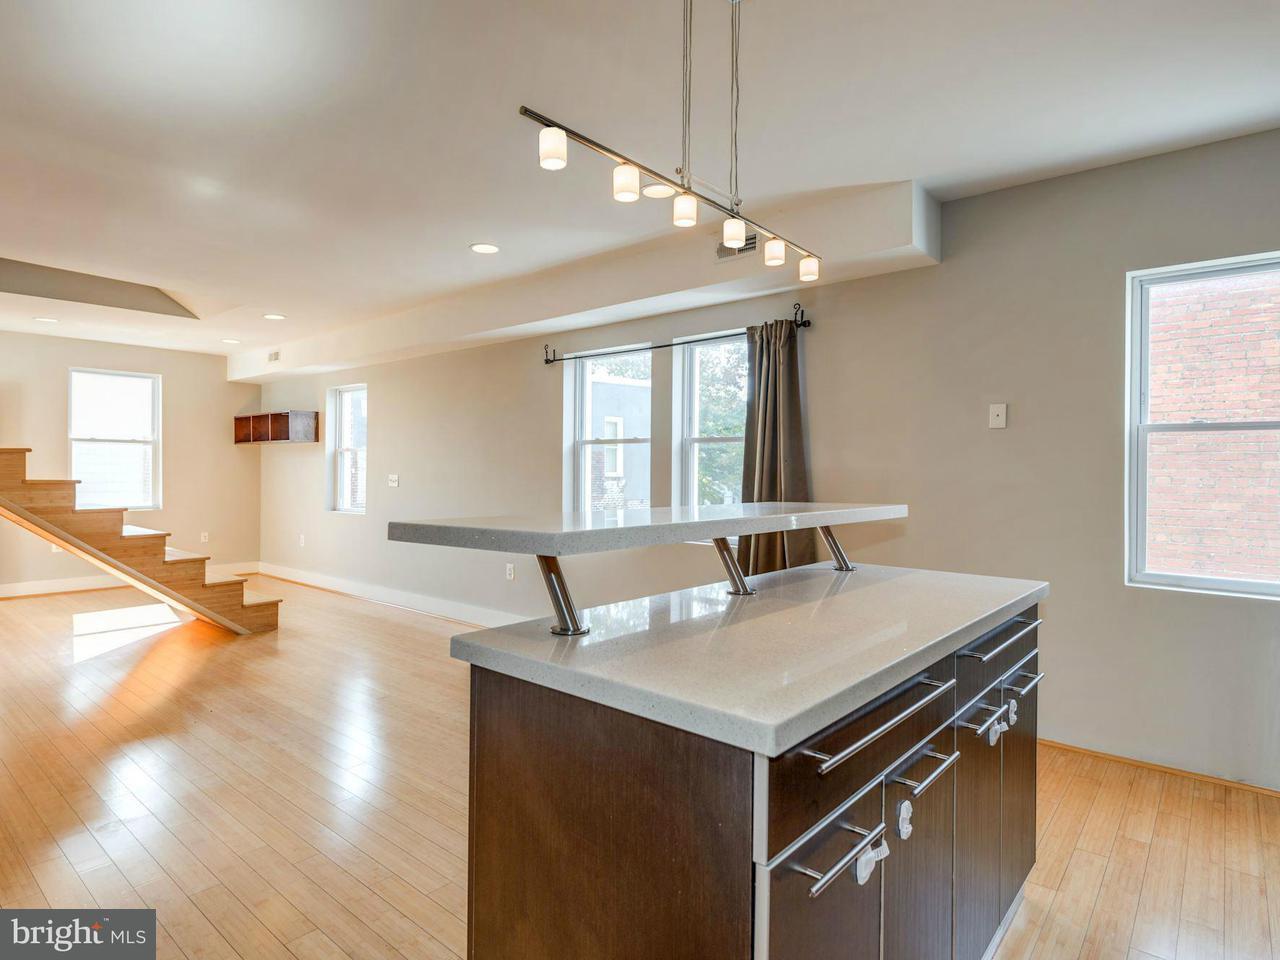 共管式独立产权公寓 为 销售 在 1409 G St Ne #26 1409 G St Ne #26 华盛顿市, 哥伦比亚特区 20002 美国